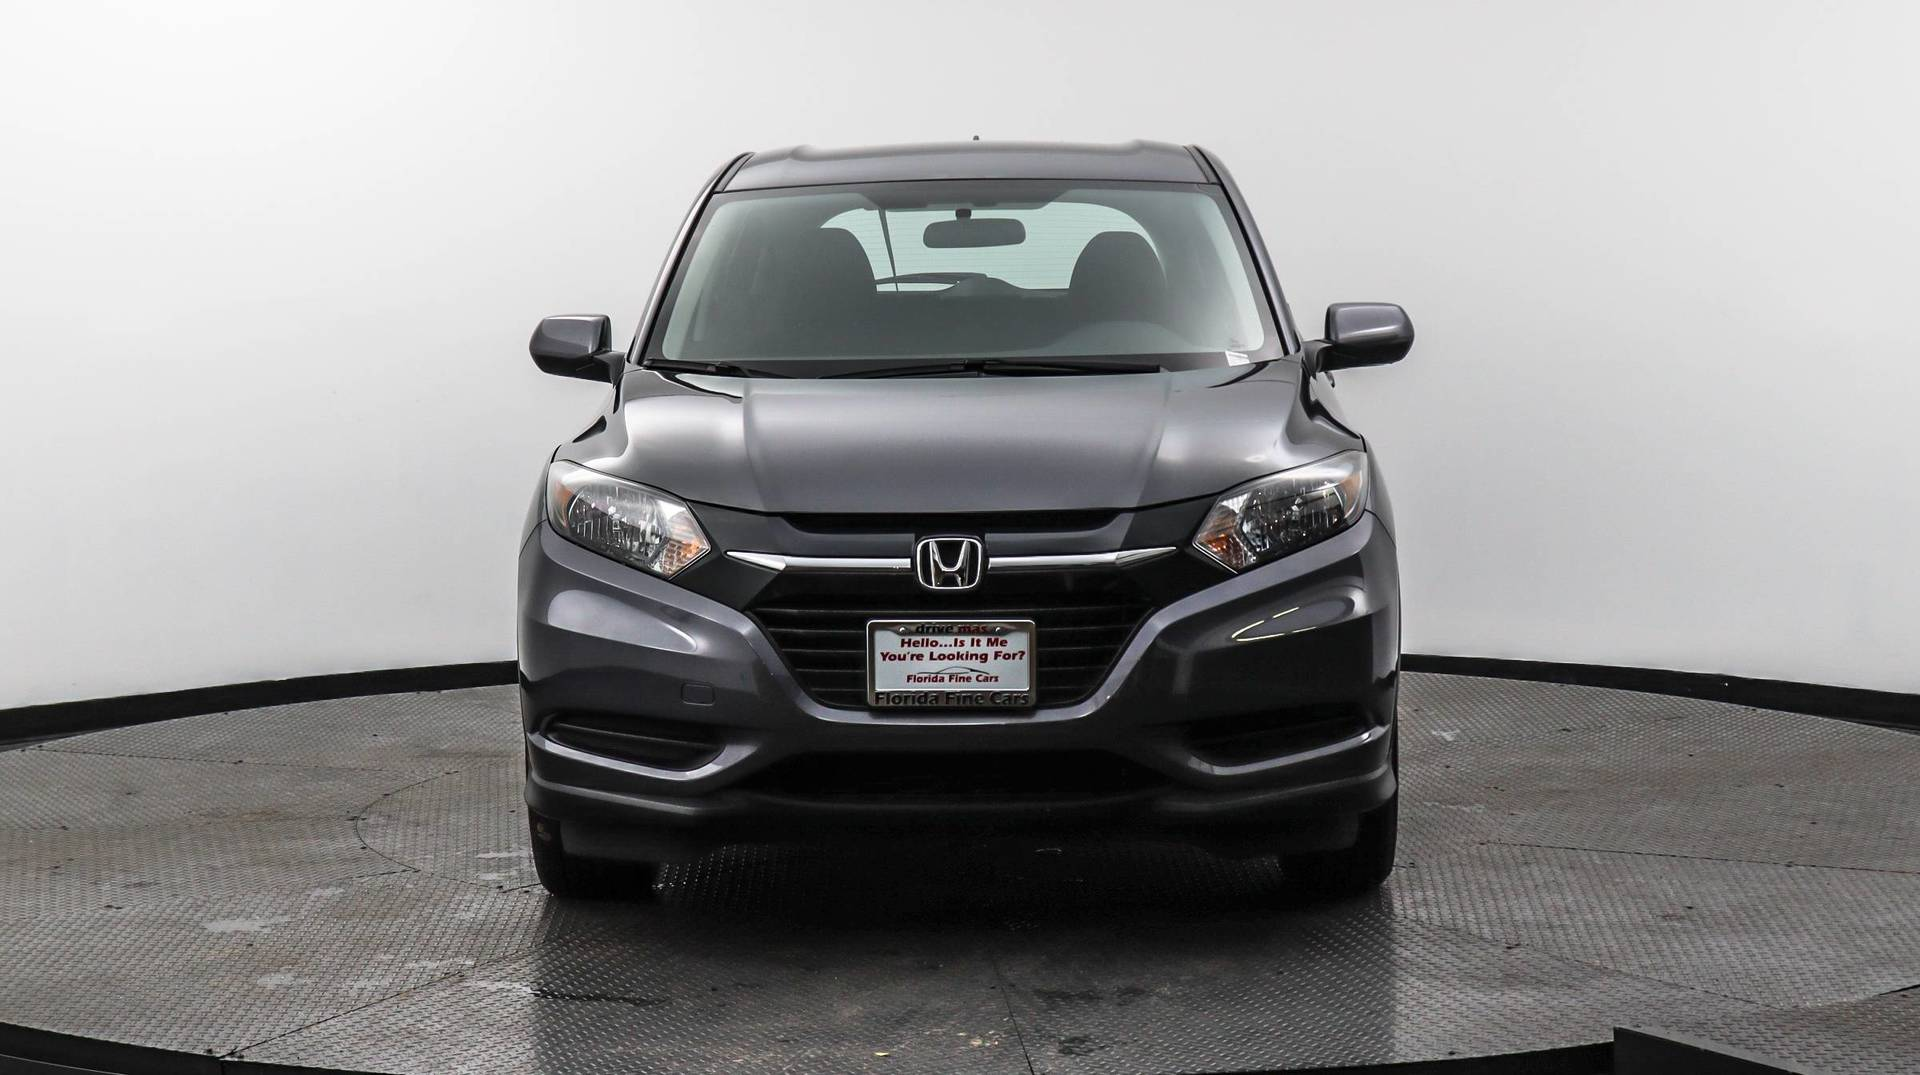 Florida Fine Cars - Used vehicle - SUV HONDA HR-V 2018